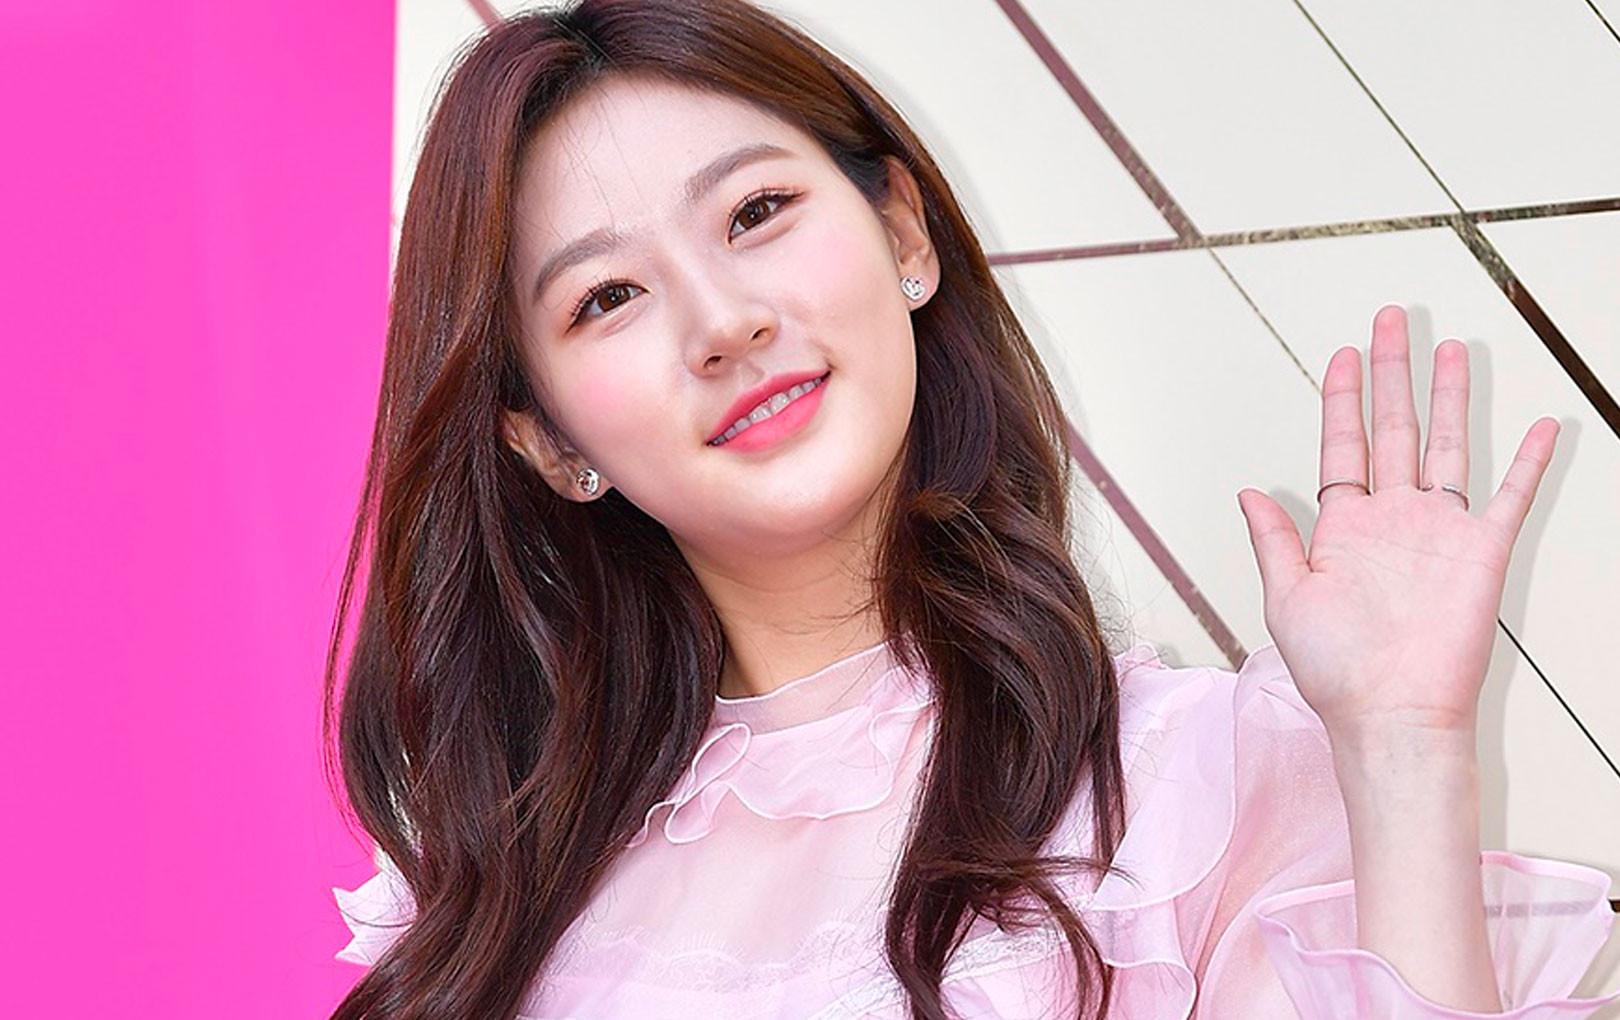 Sao nhí đình đám Kim Sae Ron khoe nhan sắc xinh đẹp, chân dài thẳng tắp ở tuổi 18